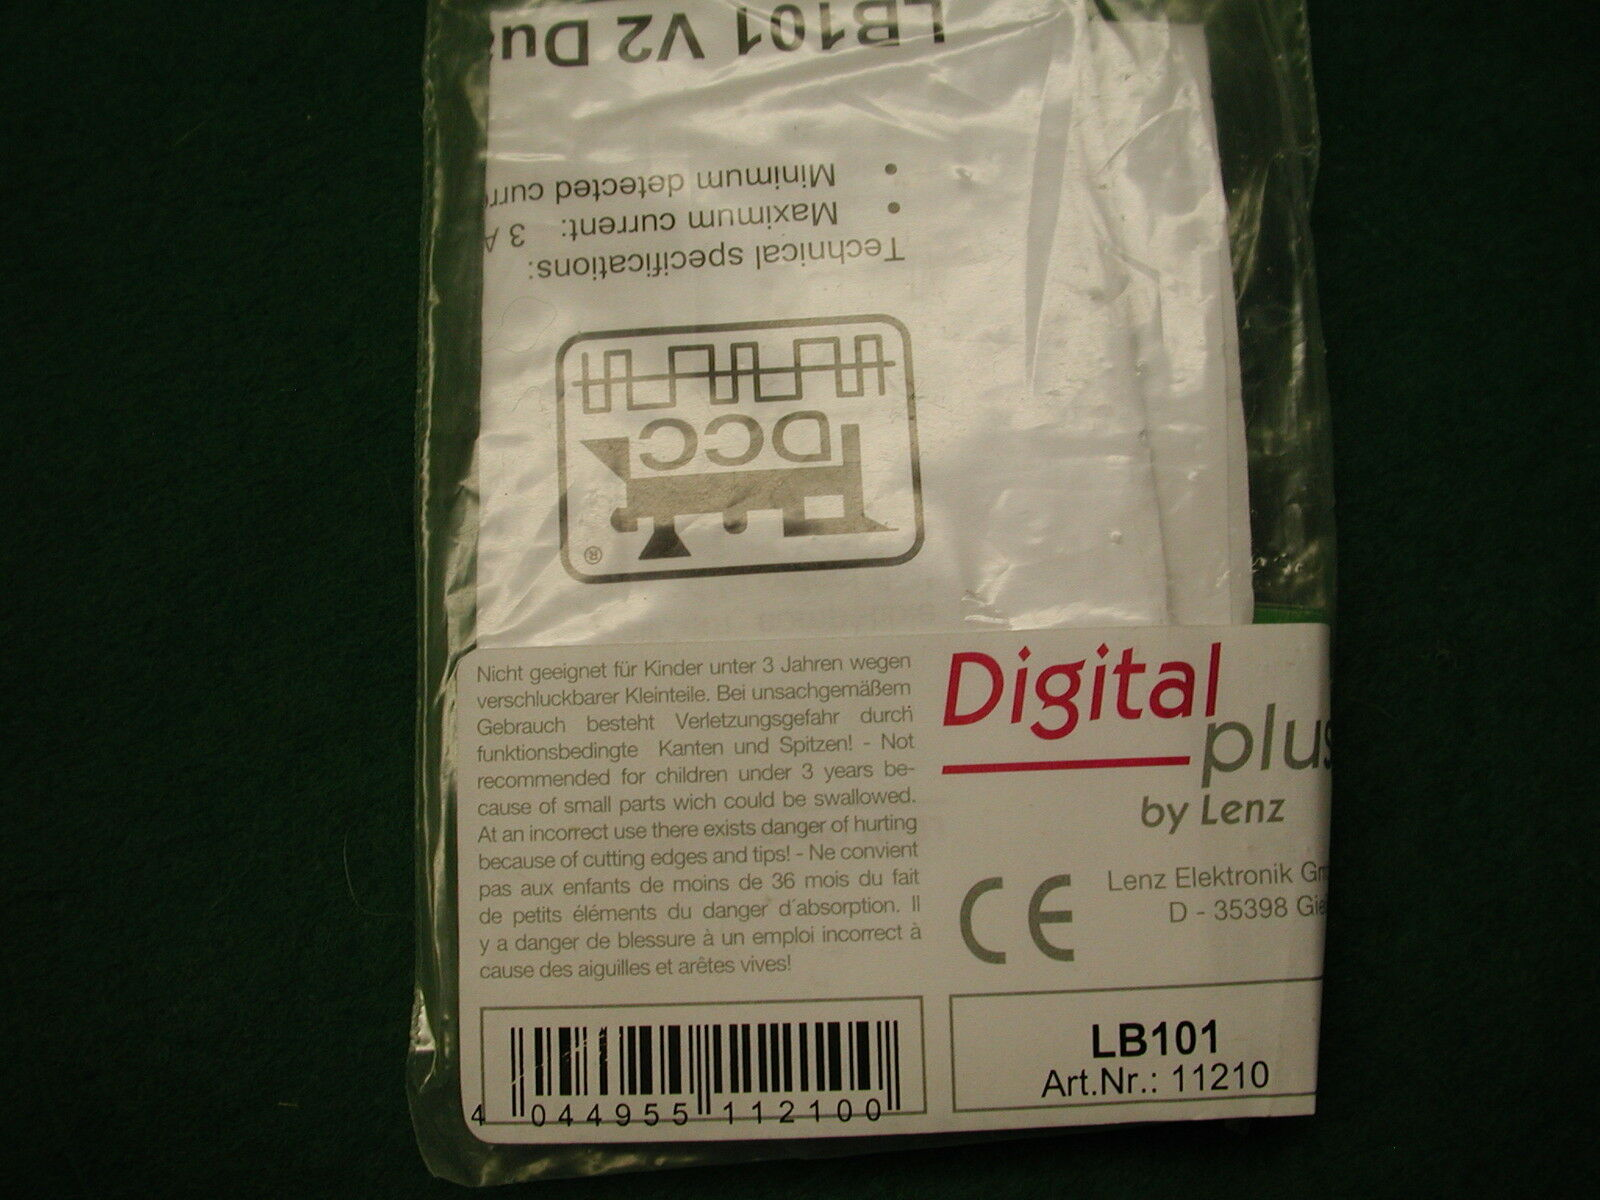 Lenz LRC100 Locomotora Transmisor M 65533;65533;dulo (5 Unidades) Nuevo en Original Paquete